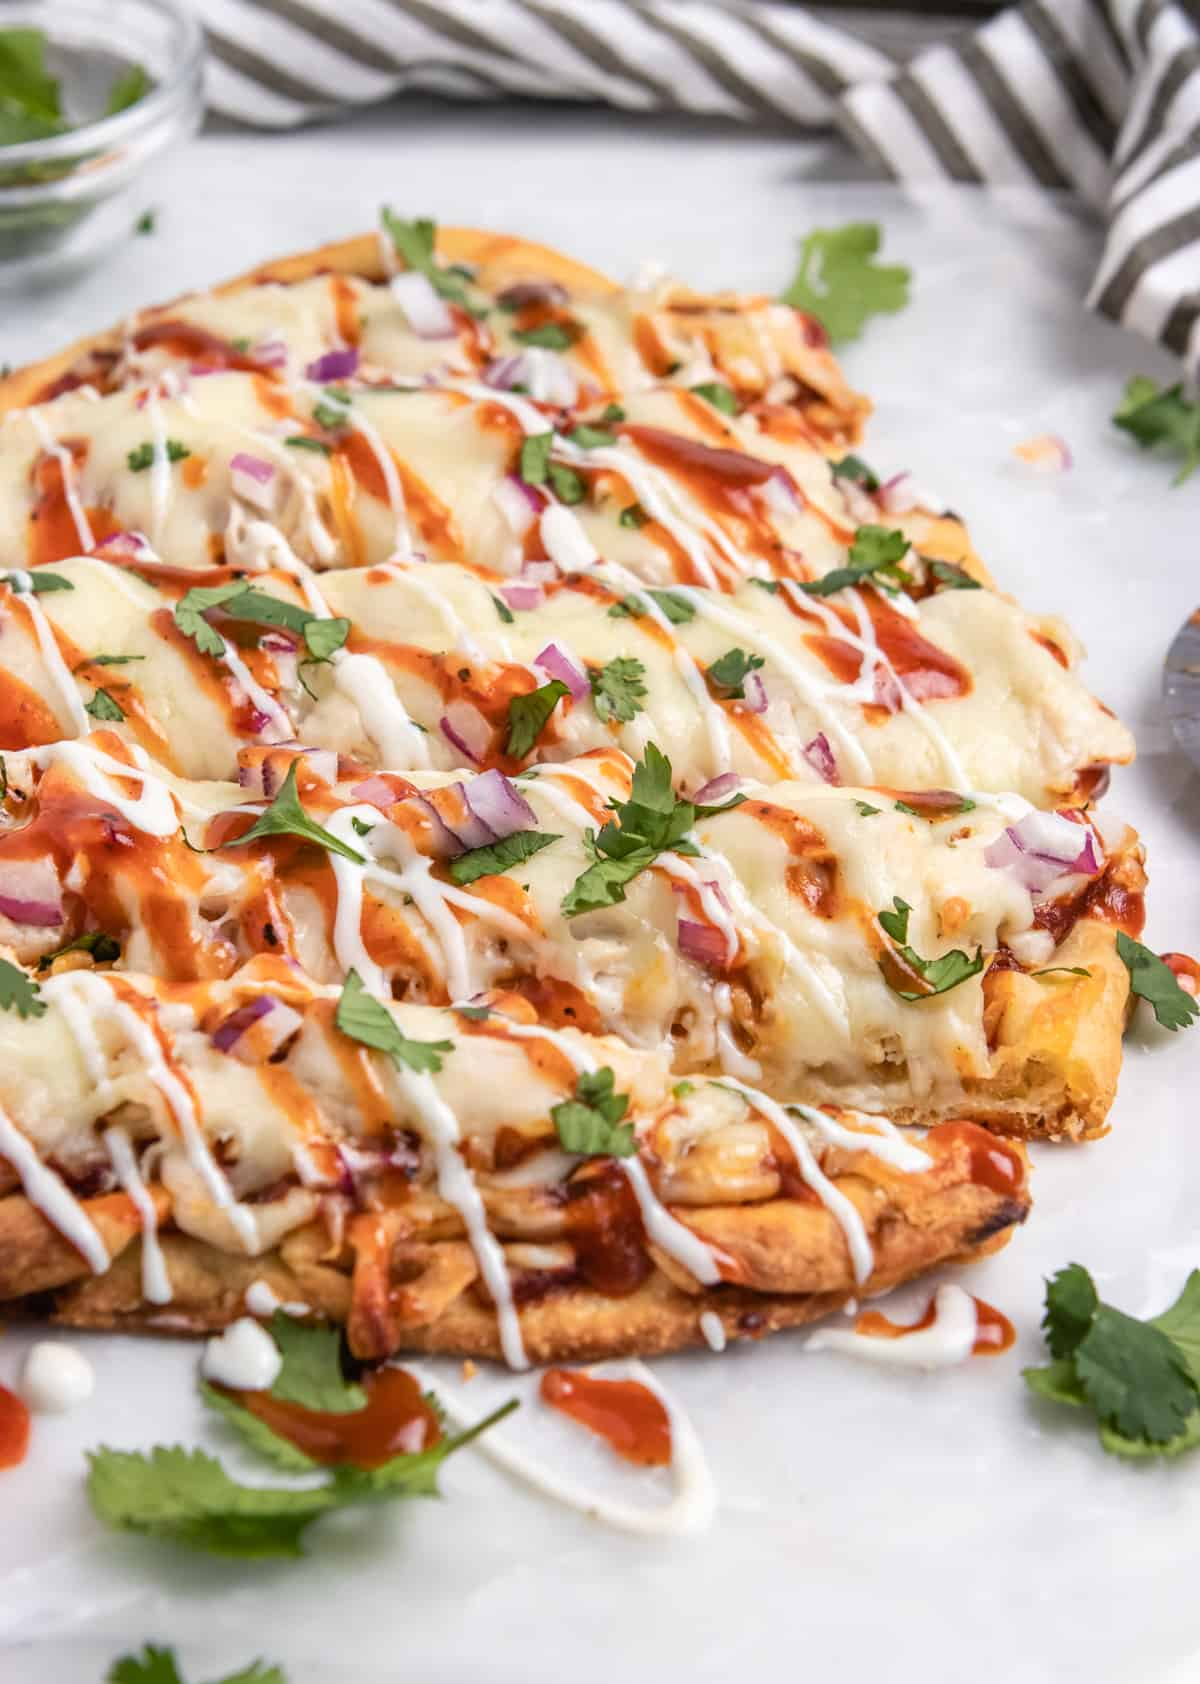 BBQ chicken flatbread with cilantro